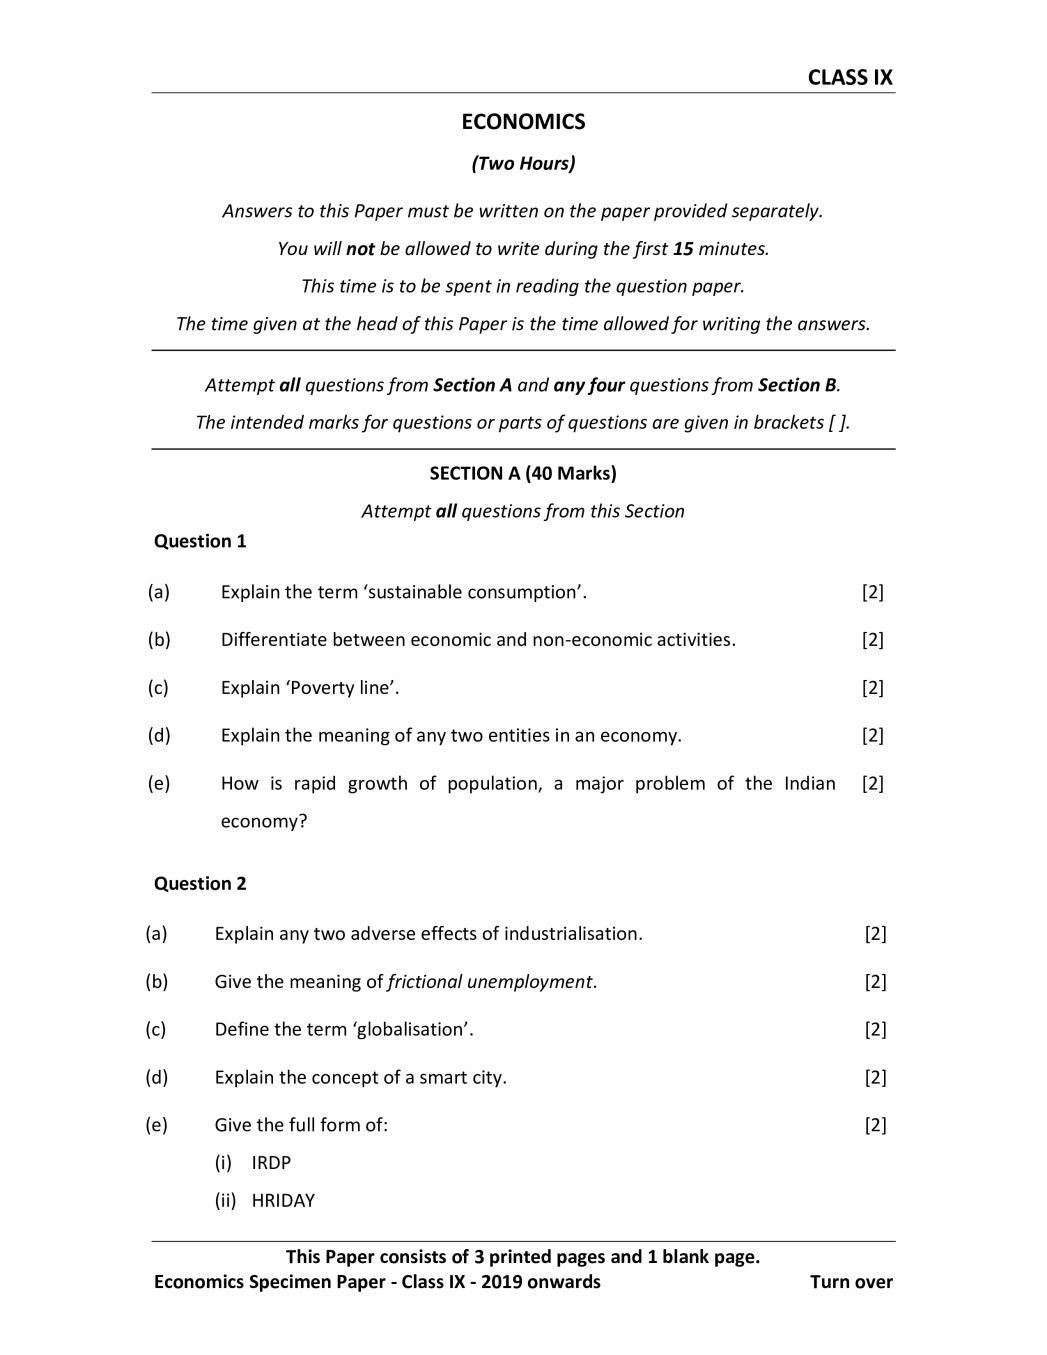 ICSE Class 9 Specimen Paper 2019 for Economics - Page 1